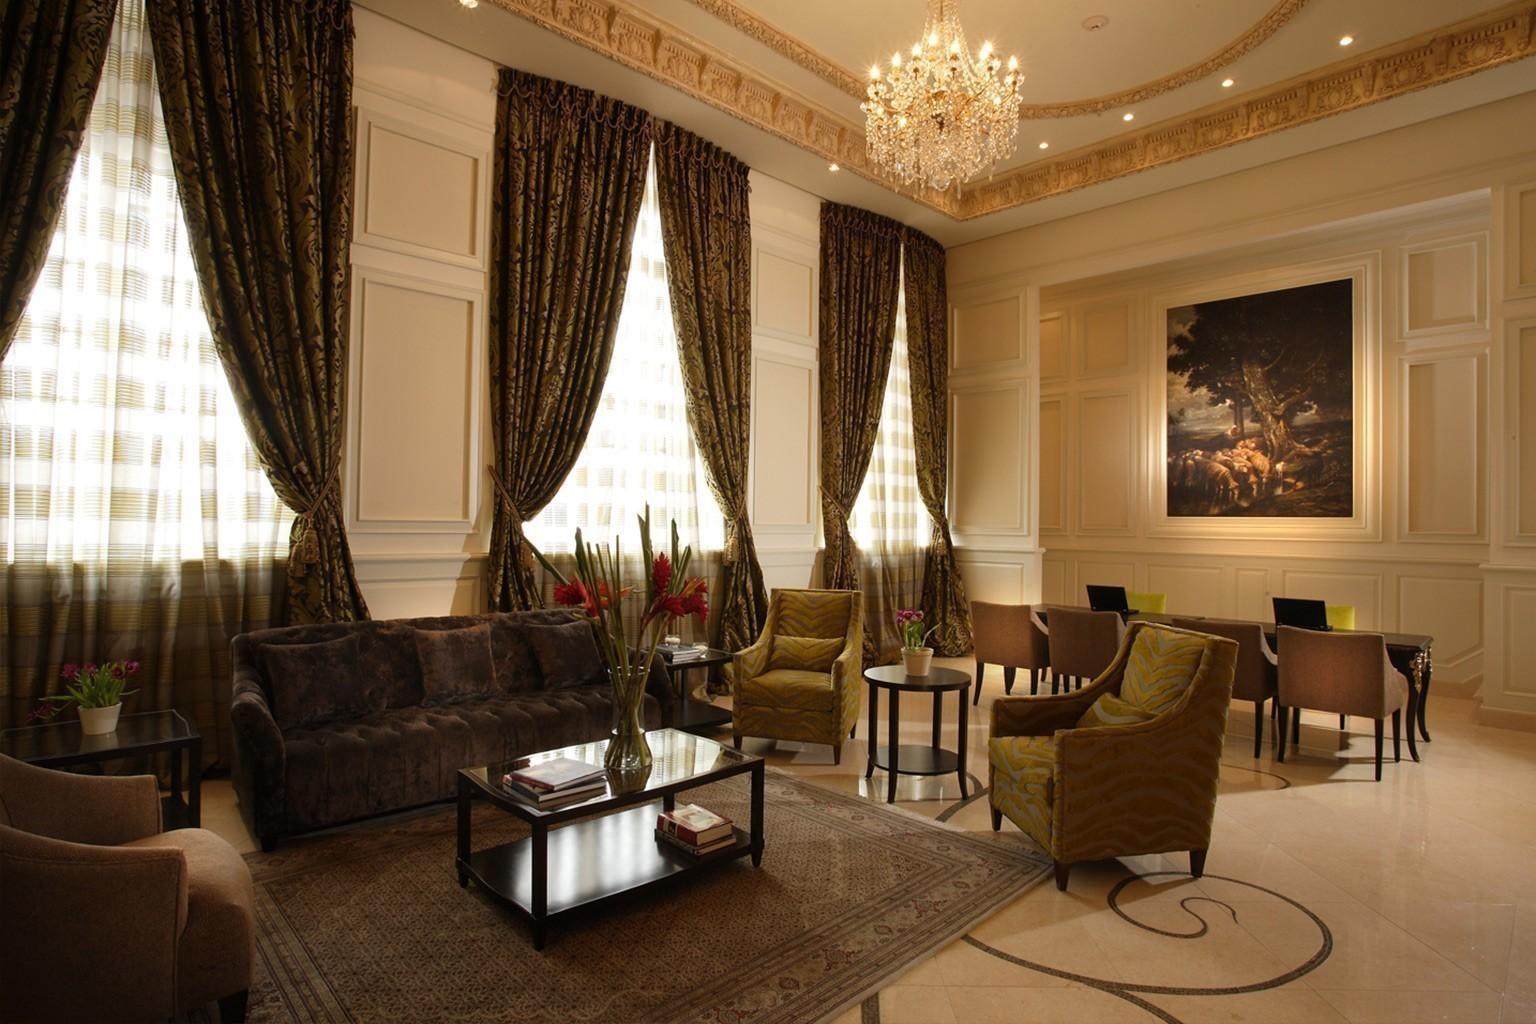 Casa gangotena in ecuador luxushotels bei designreisen for Design hotel quito